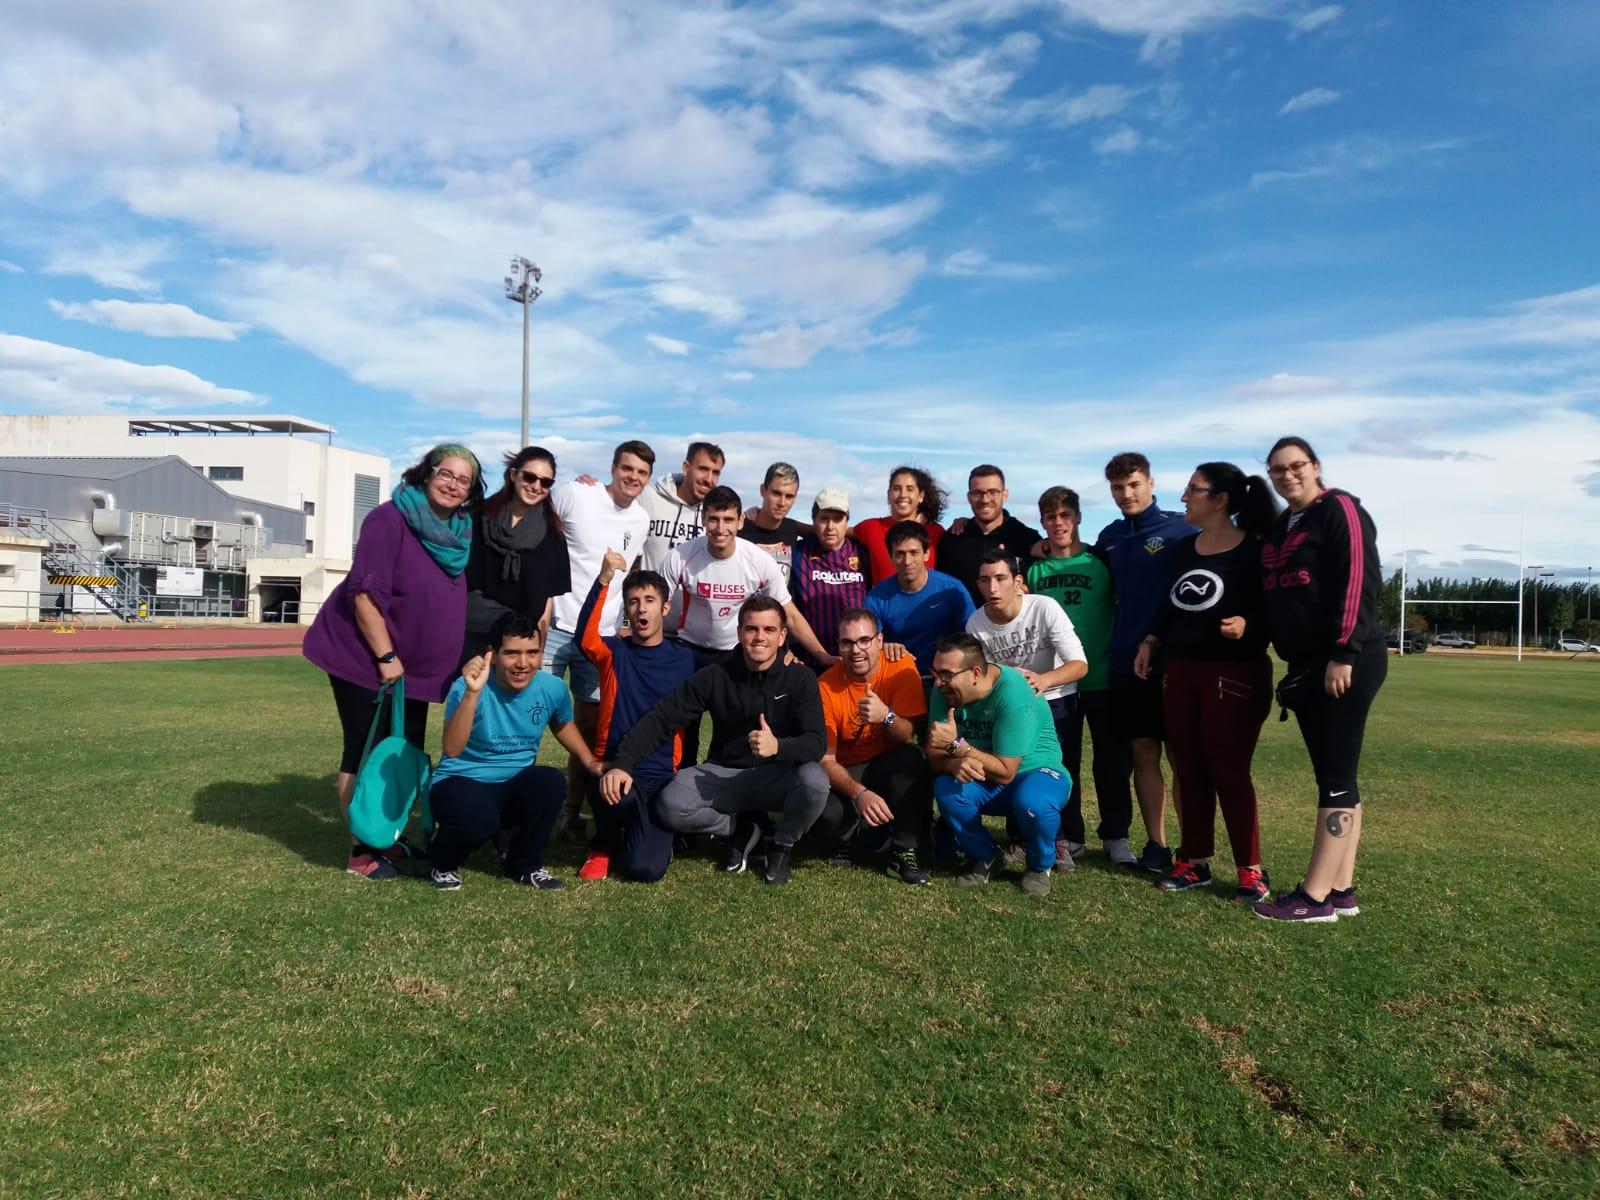 EUSES Terres de l'Ebre i el centre La Duna de Deltebre celebren tres jornades pràctiques d'atletisme, bitlles i activitats aquàtiques per a persones amb discapacitat